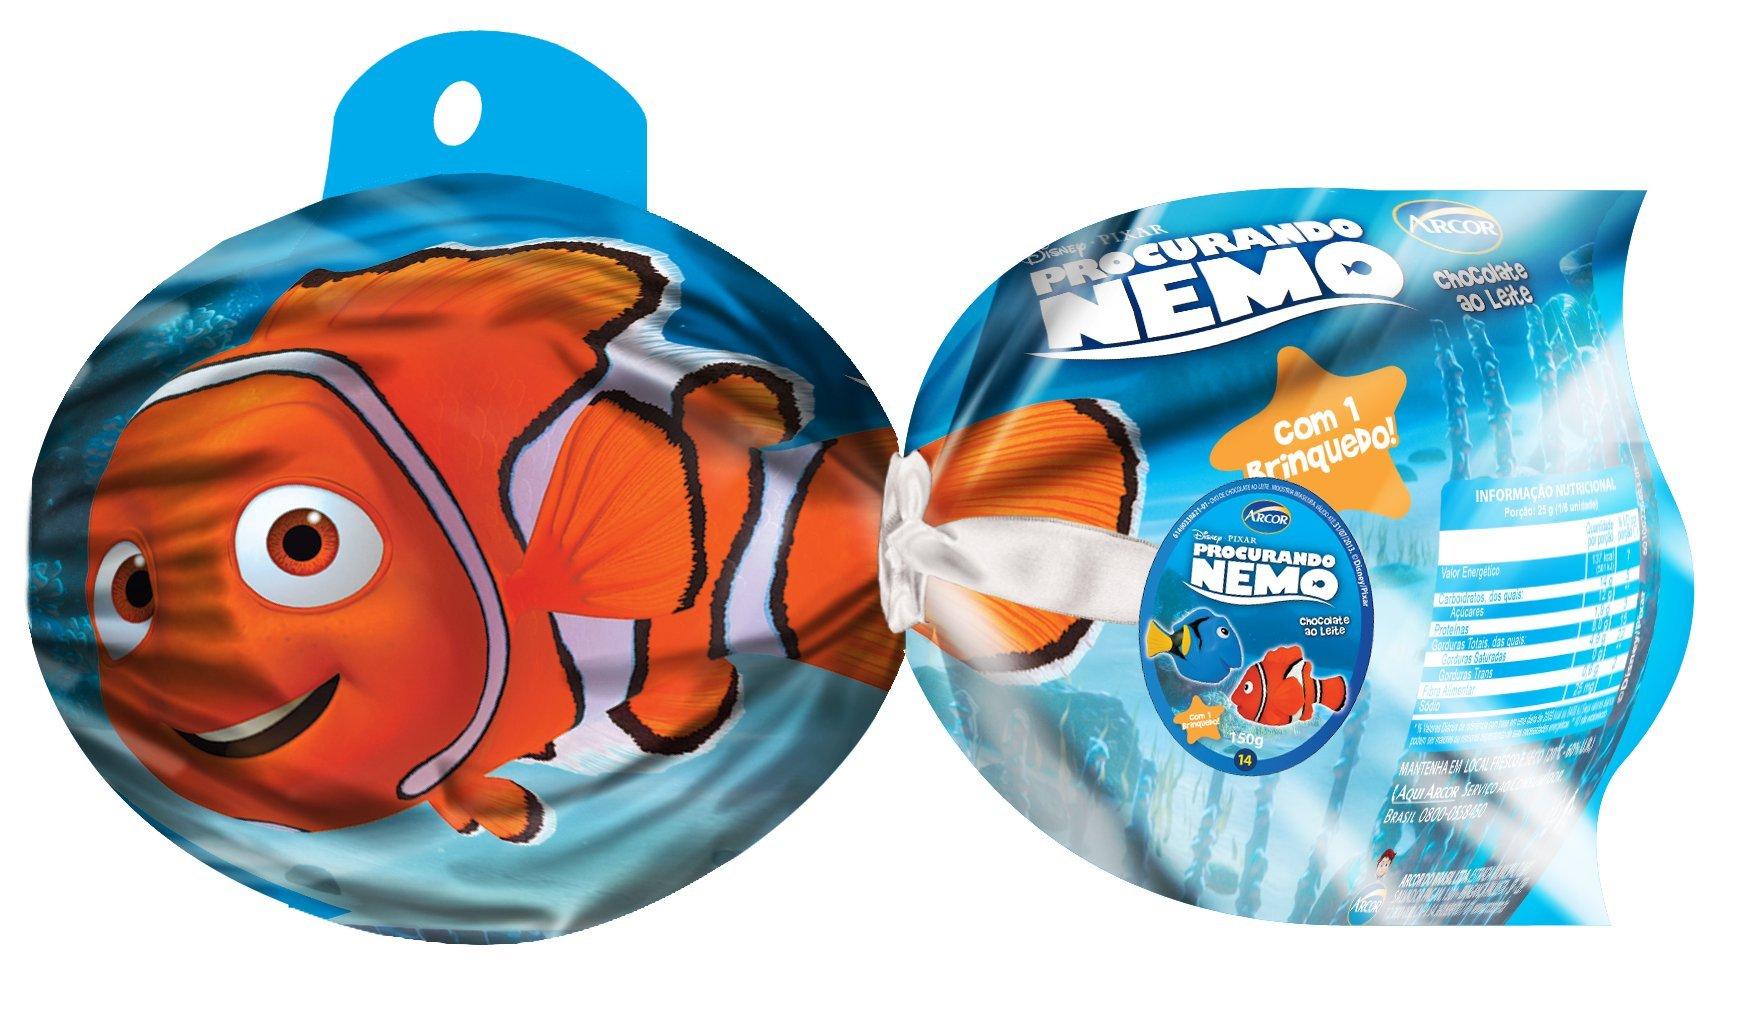 Ovo Procurando Nemo